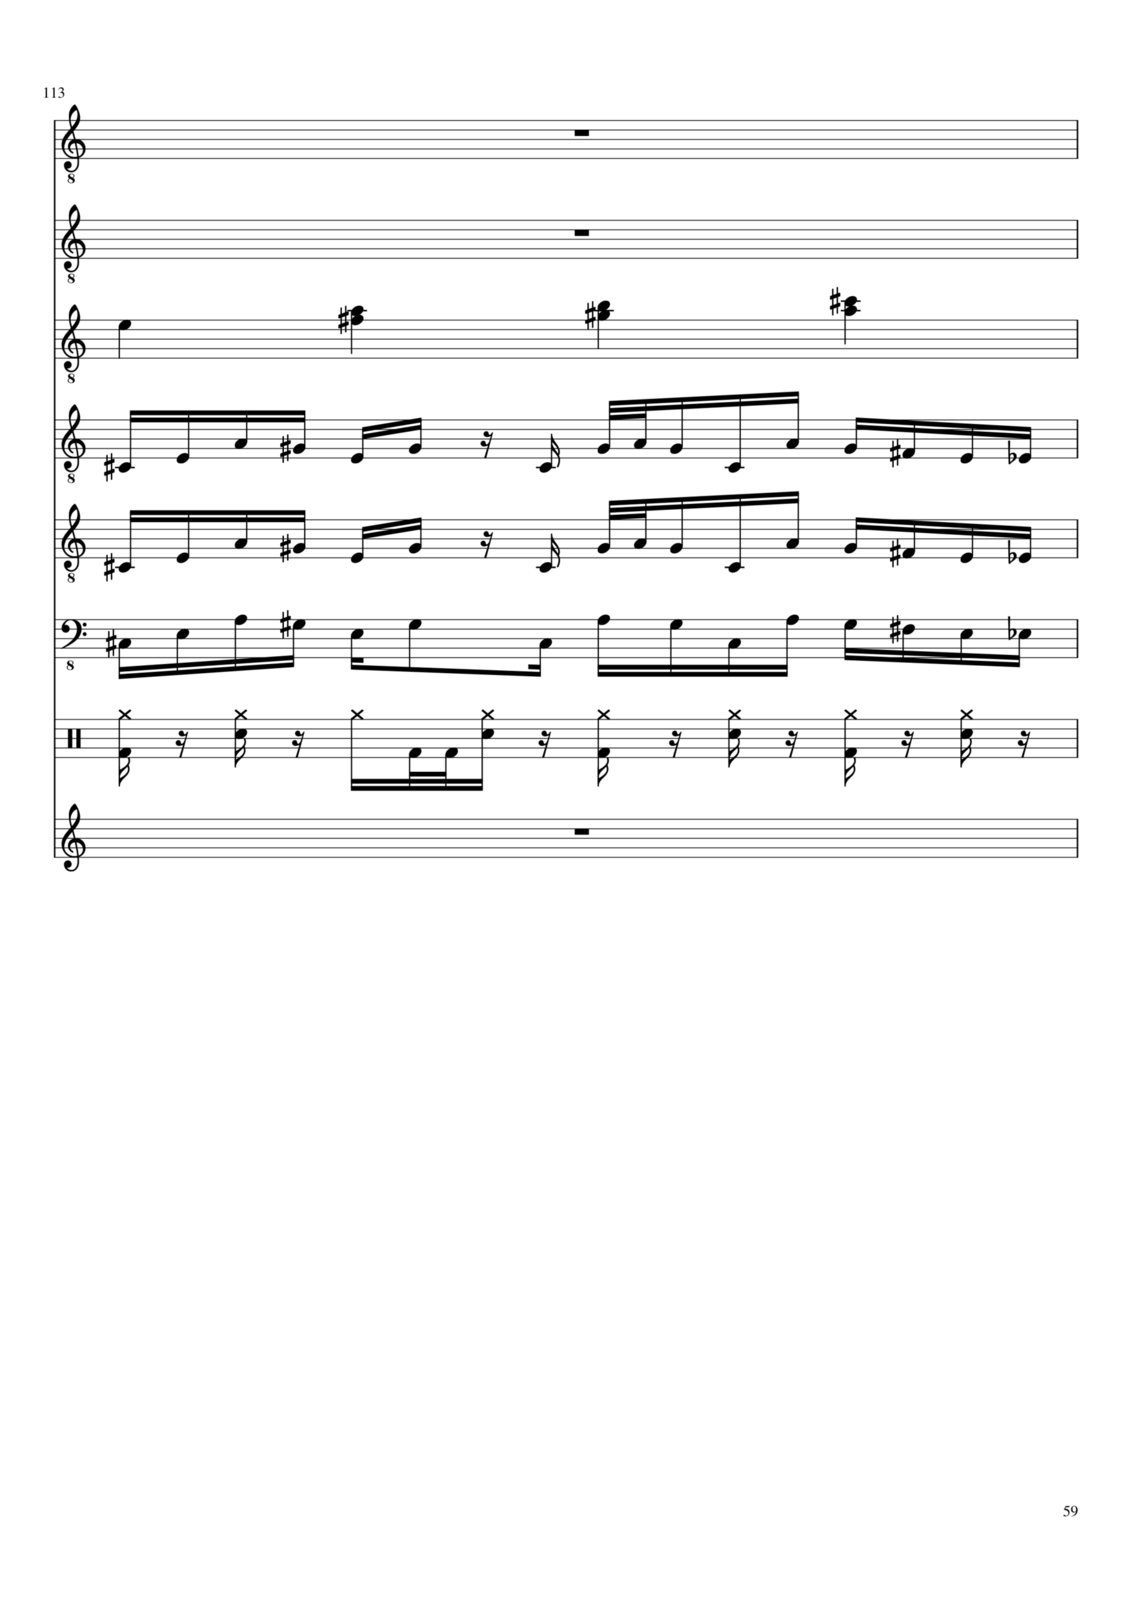 Vyibor Est slide, Image 59